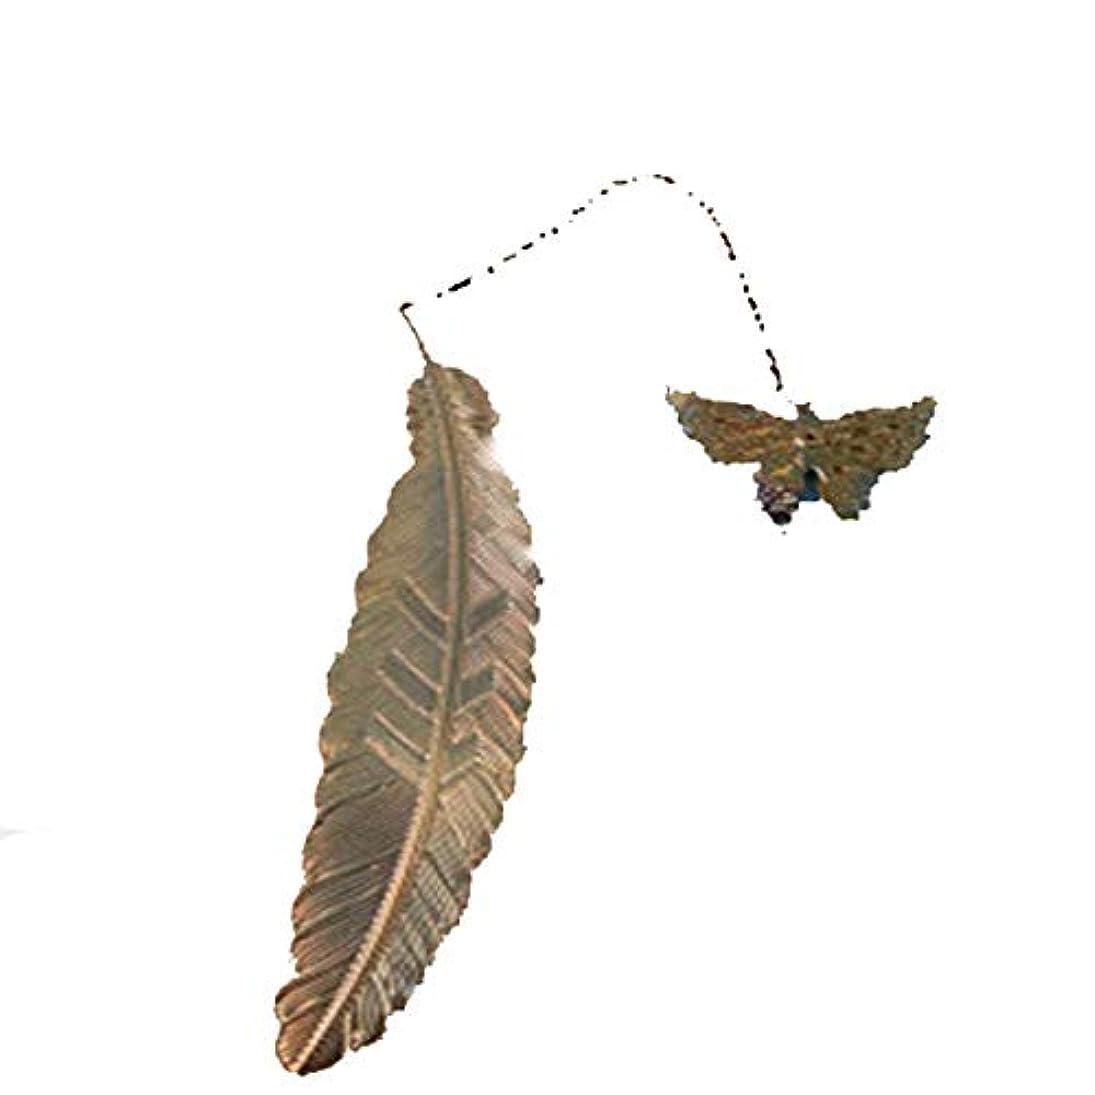 シットコム塊版Kaiyitong01 520ギフト学校贈り物誕生日プレゼント女の子のバレンタインデープレゼントガールフレンドの創造的な揺れの声実用的な贈り物Jinyu + Butterfly + Gift Box,絶妙なファッション (Color : Gold, Size : Metal-11.5cm)